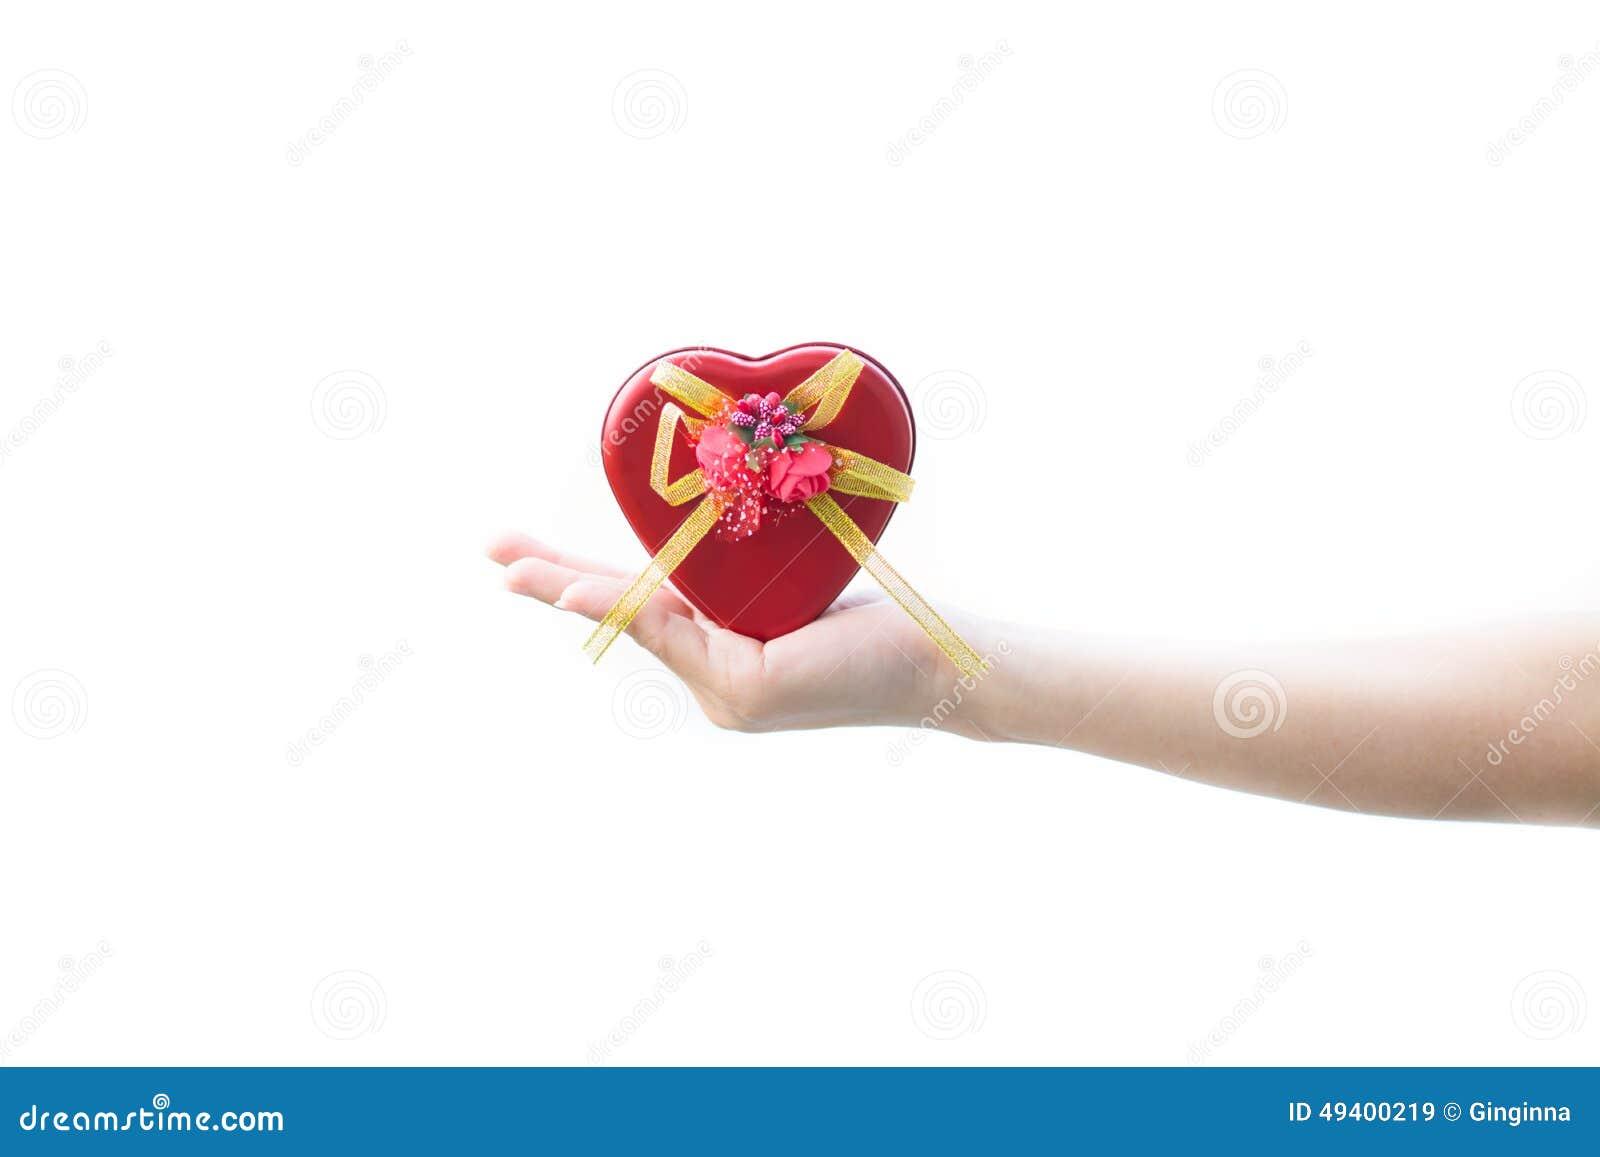 Download Rotes Herz stockbild. Bild von auszug, floral, romantisch - 49400219